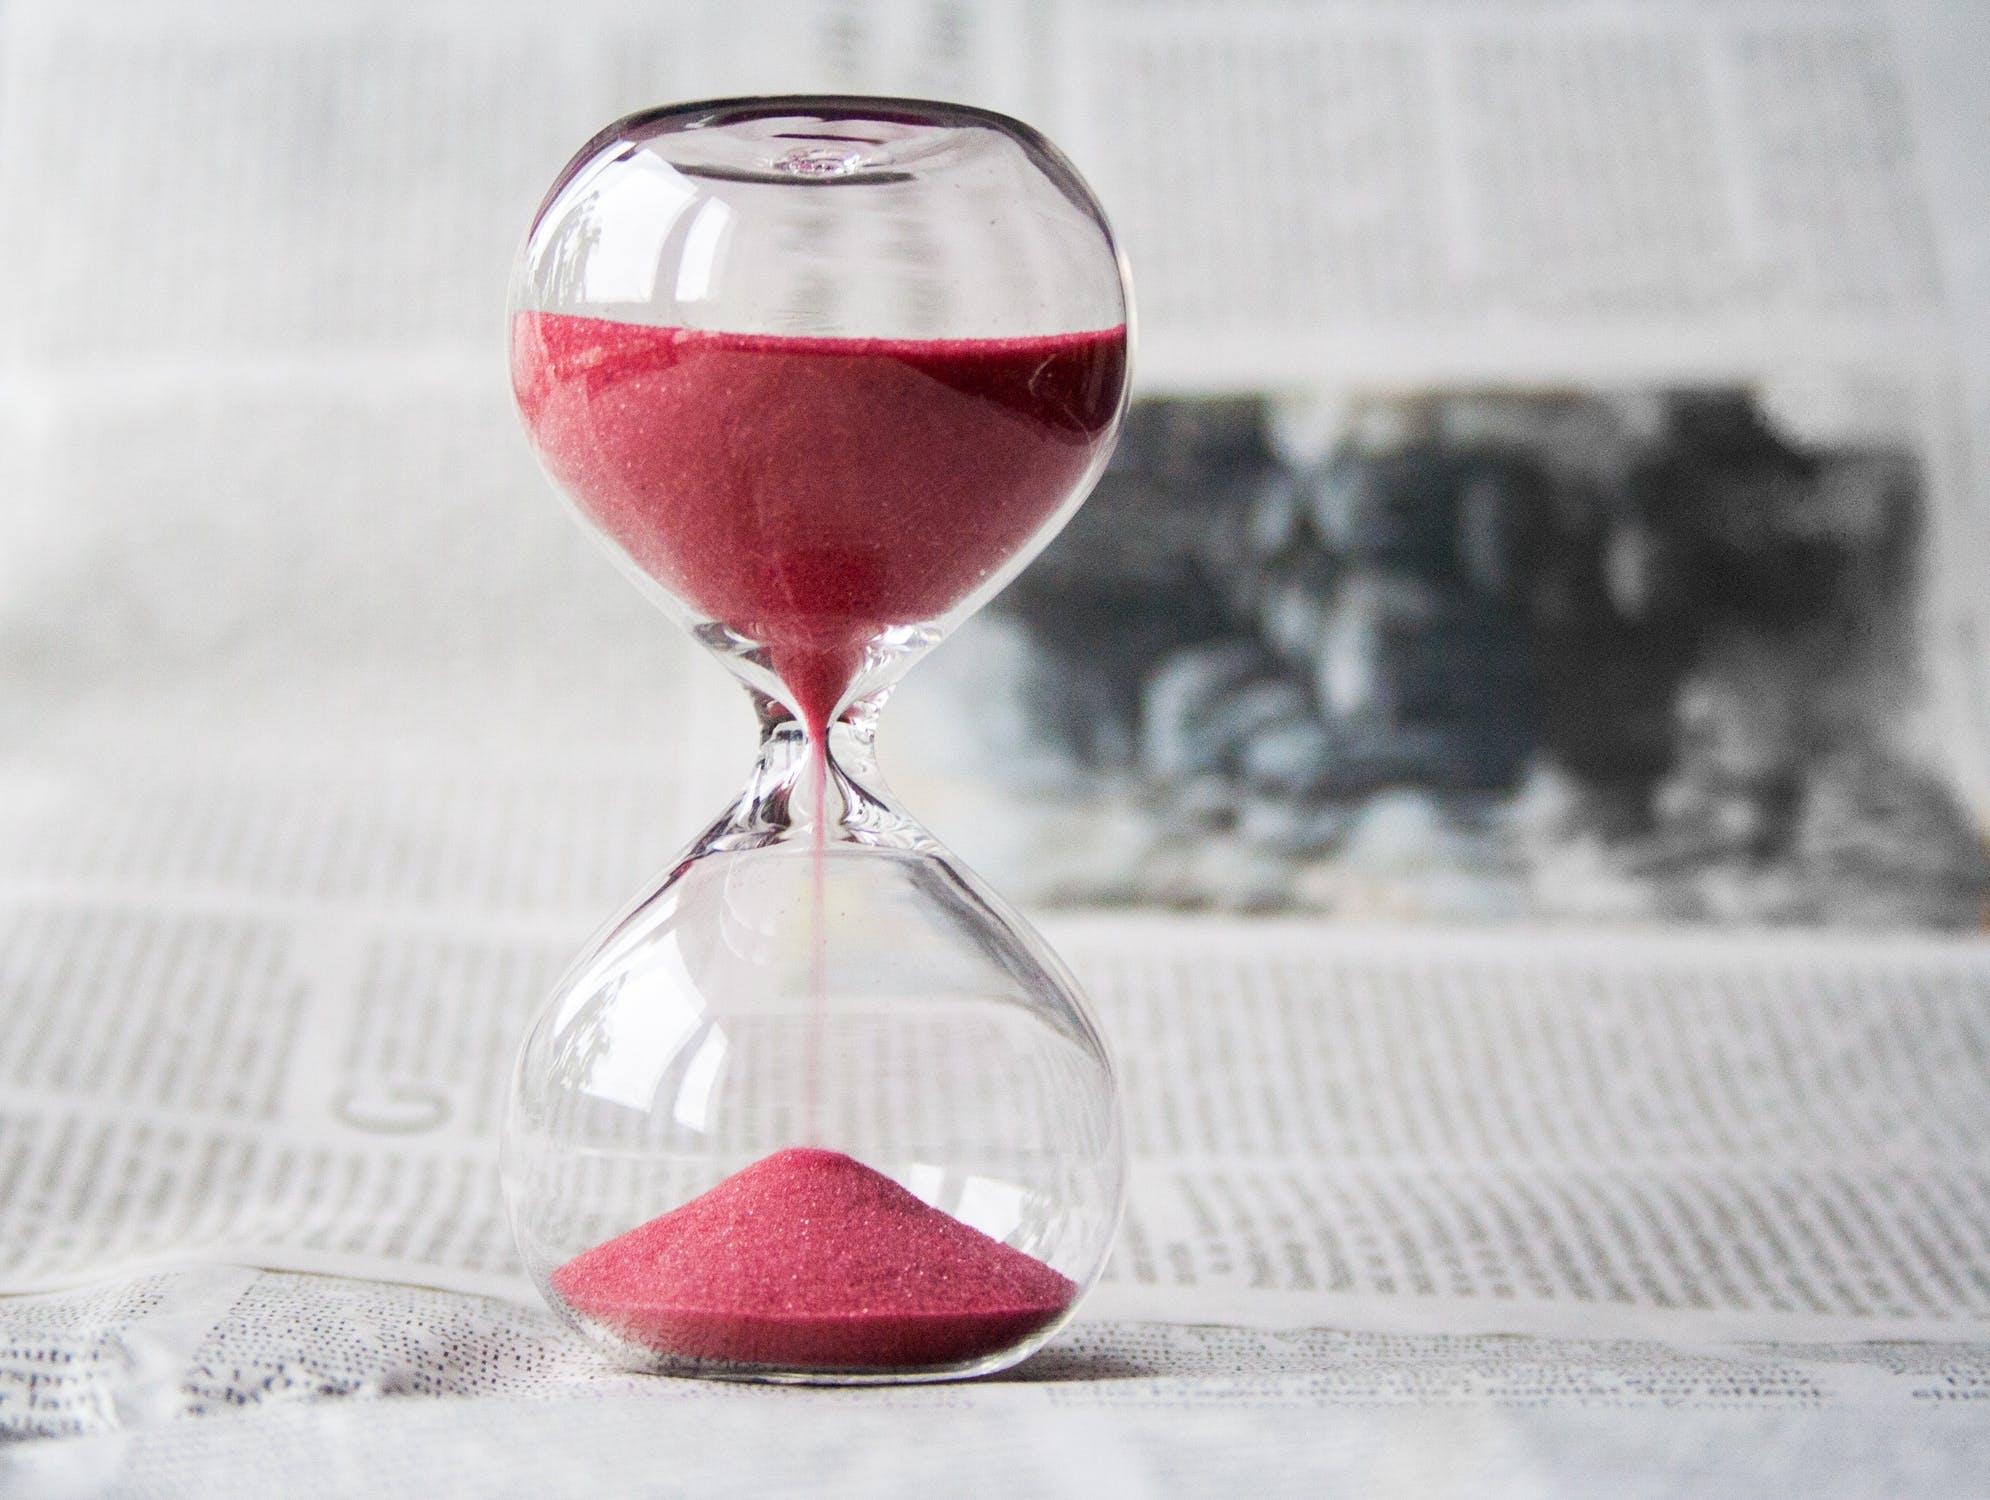 Gedeeltelijke transitievergoeding bij vermindering van de arbeidsduur